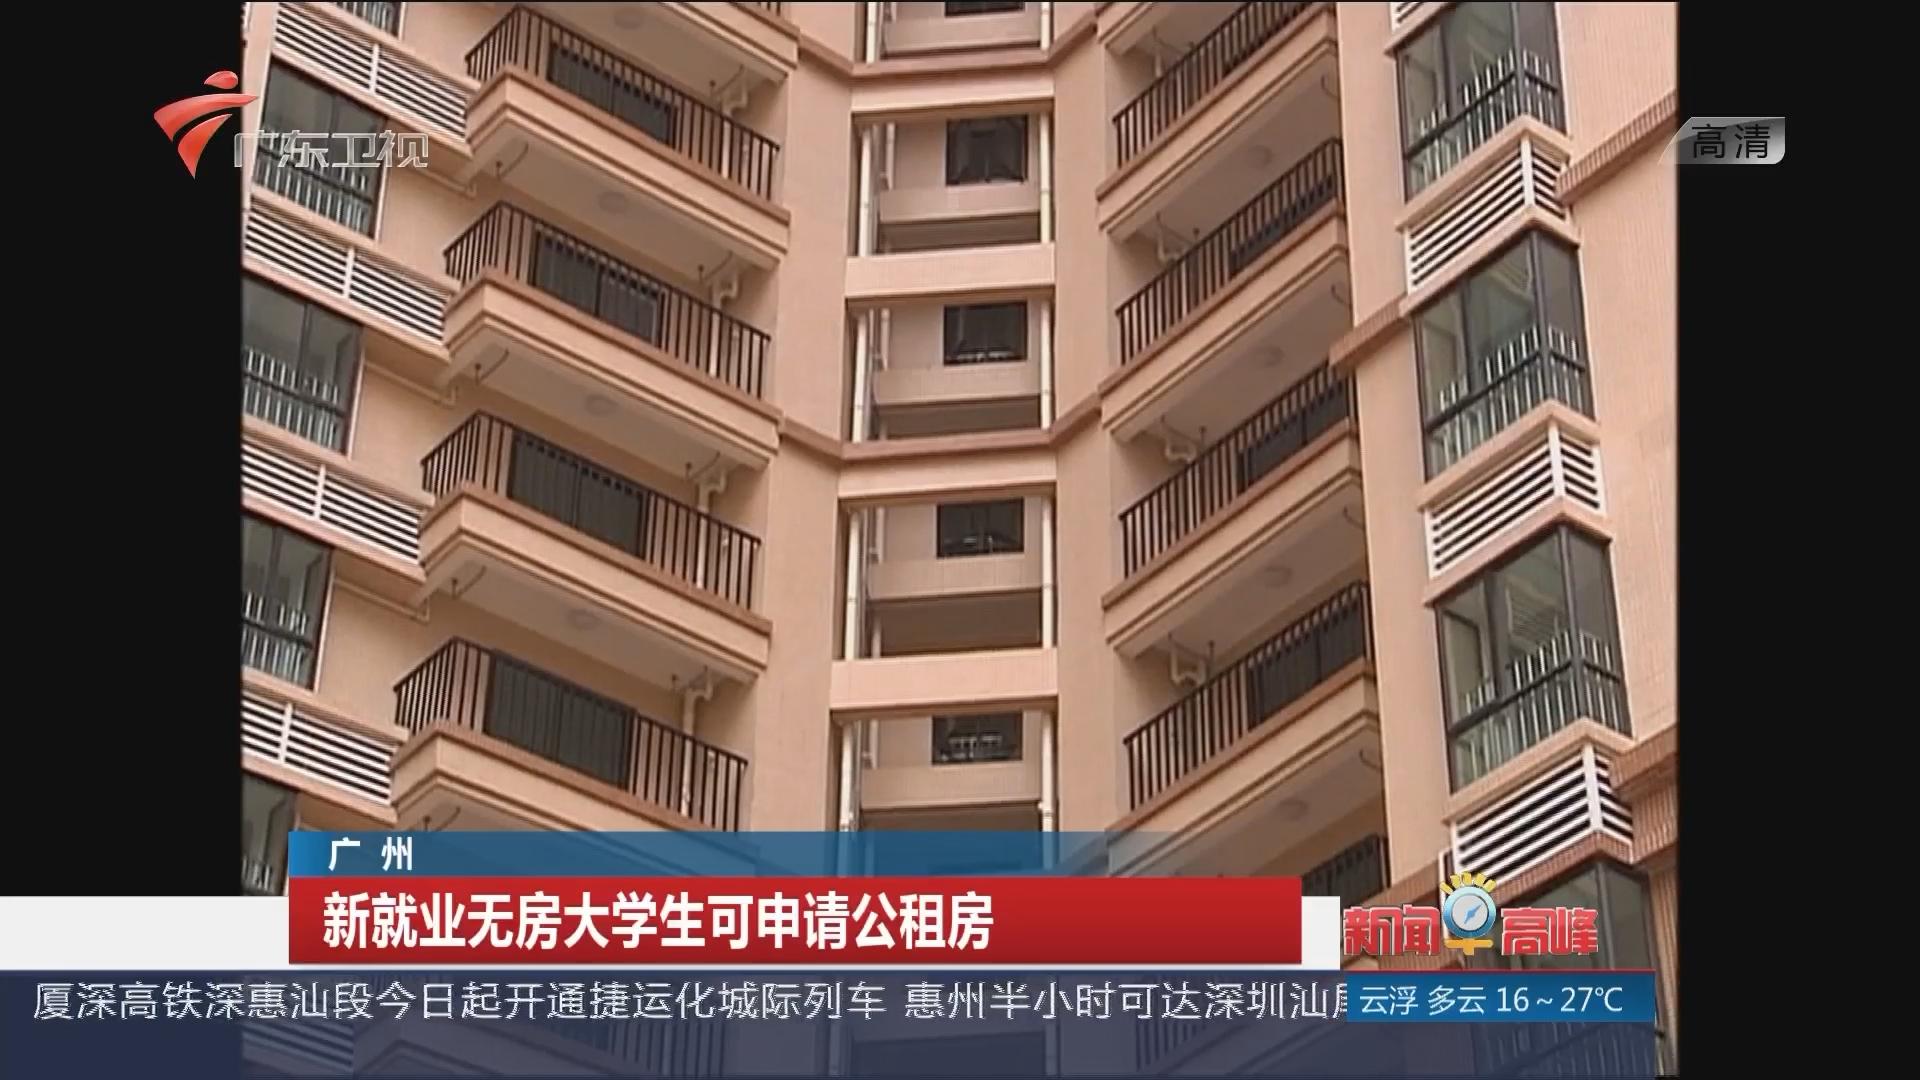 广州:新就业无房大学生可申请公租房